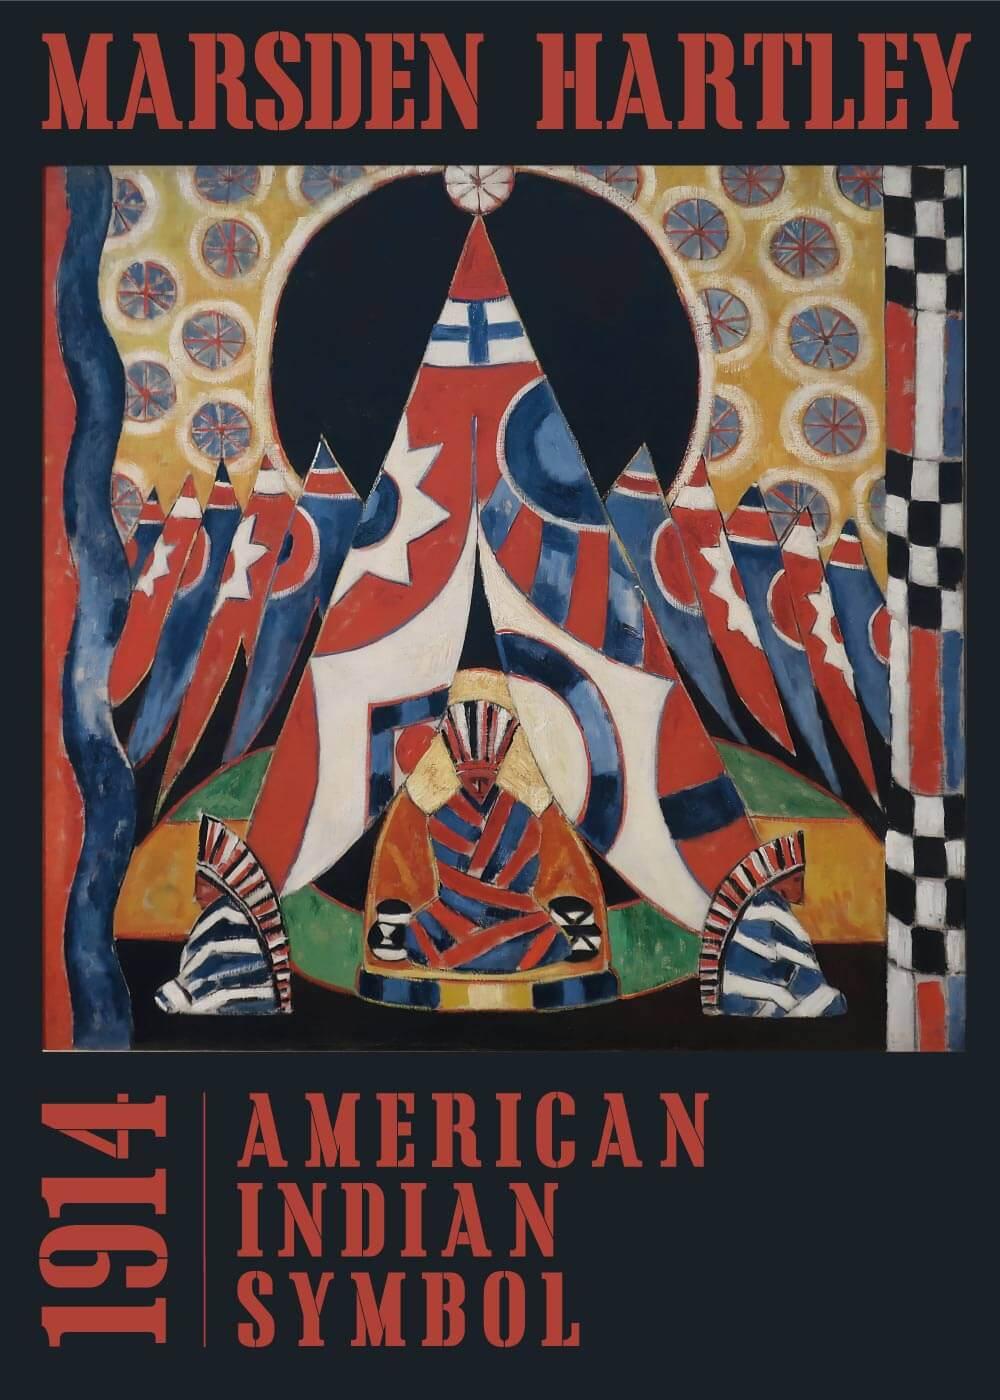 Billede af American indian symbol - Marsden Hartley